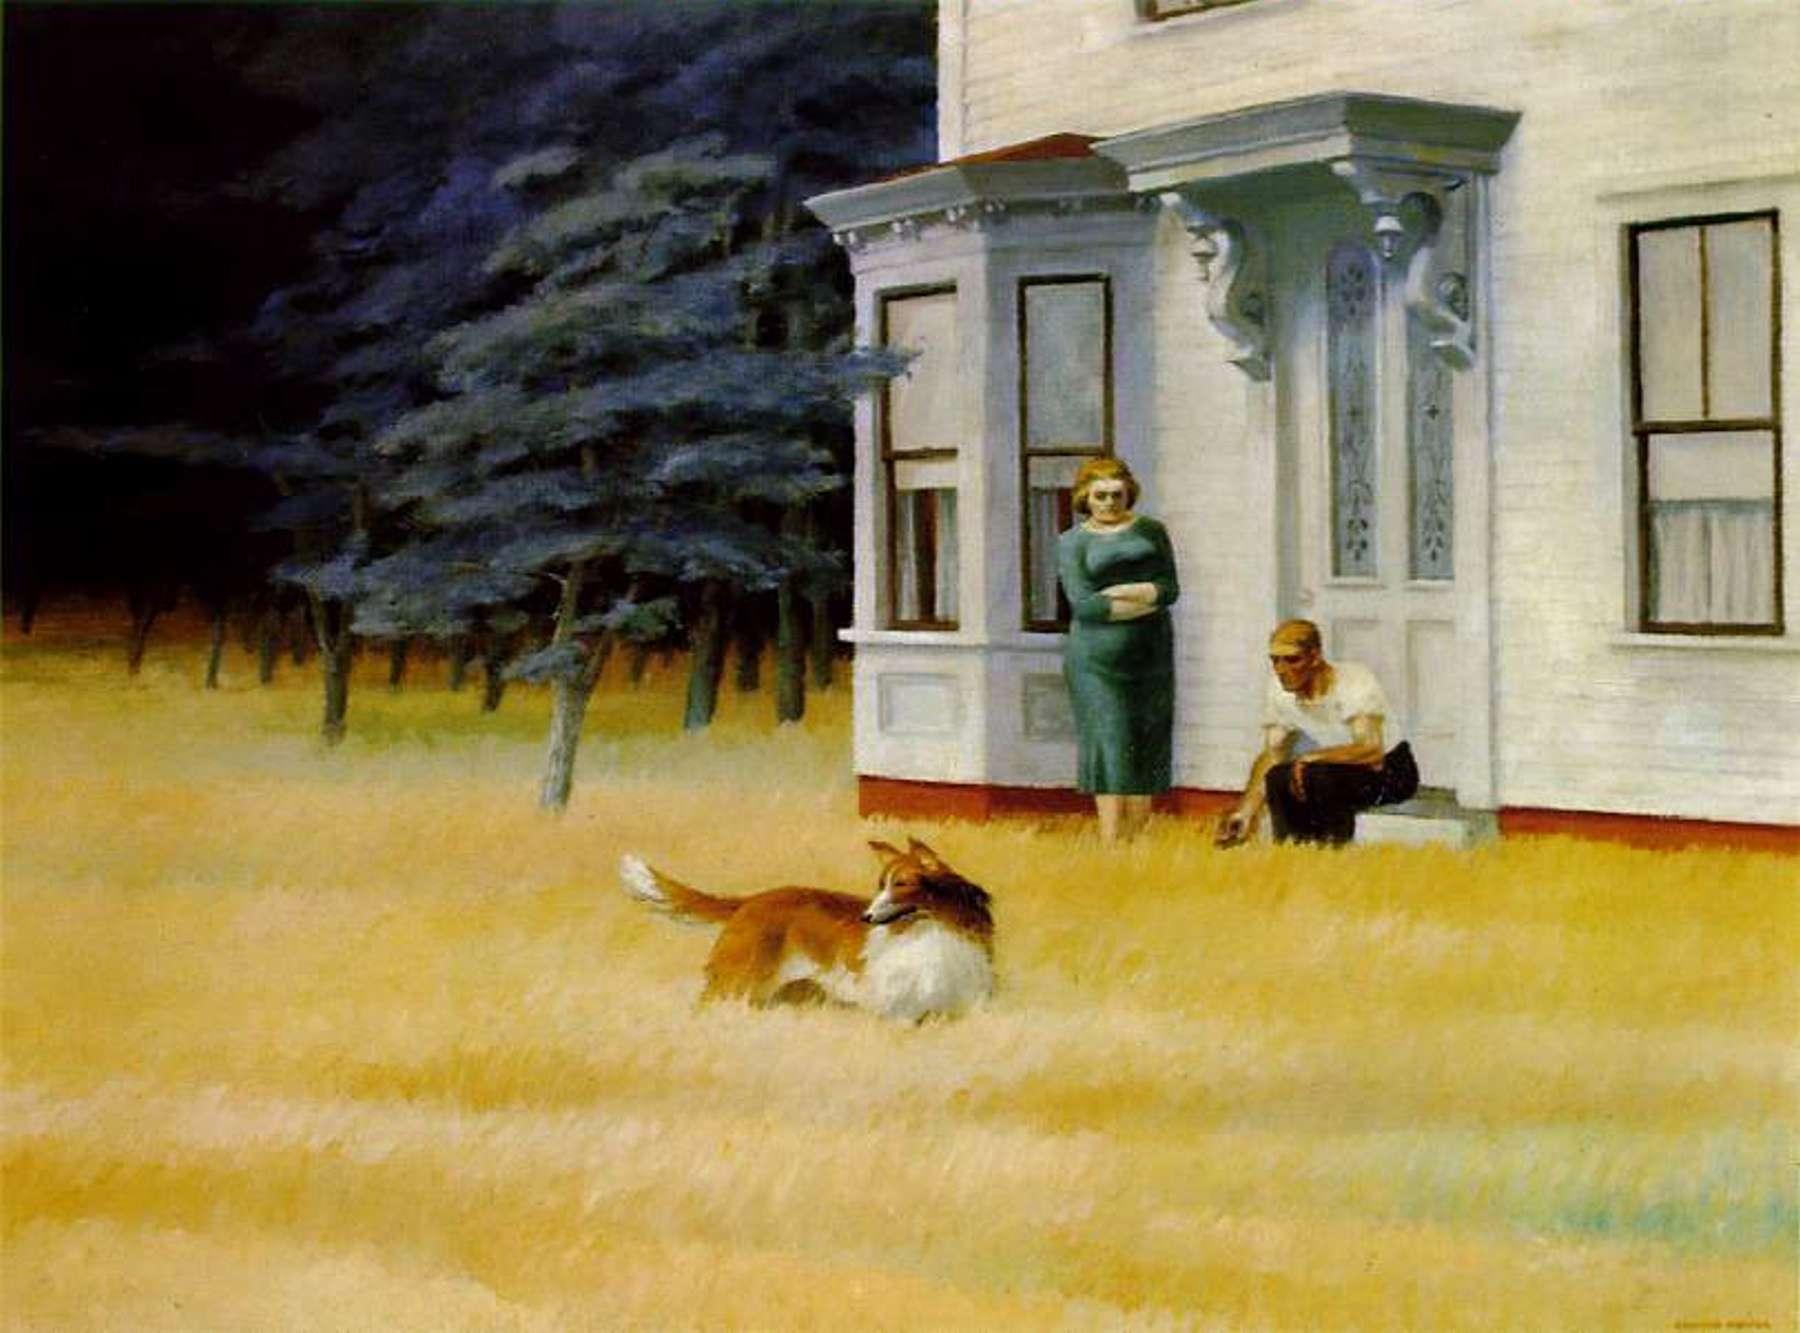 Έντουαρντ Χόπερ. Edward Hopper (1882 – 1967)